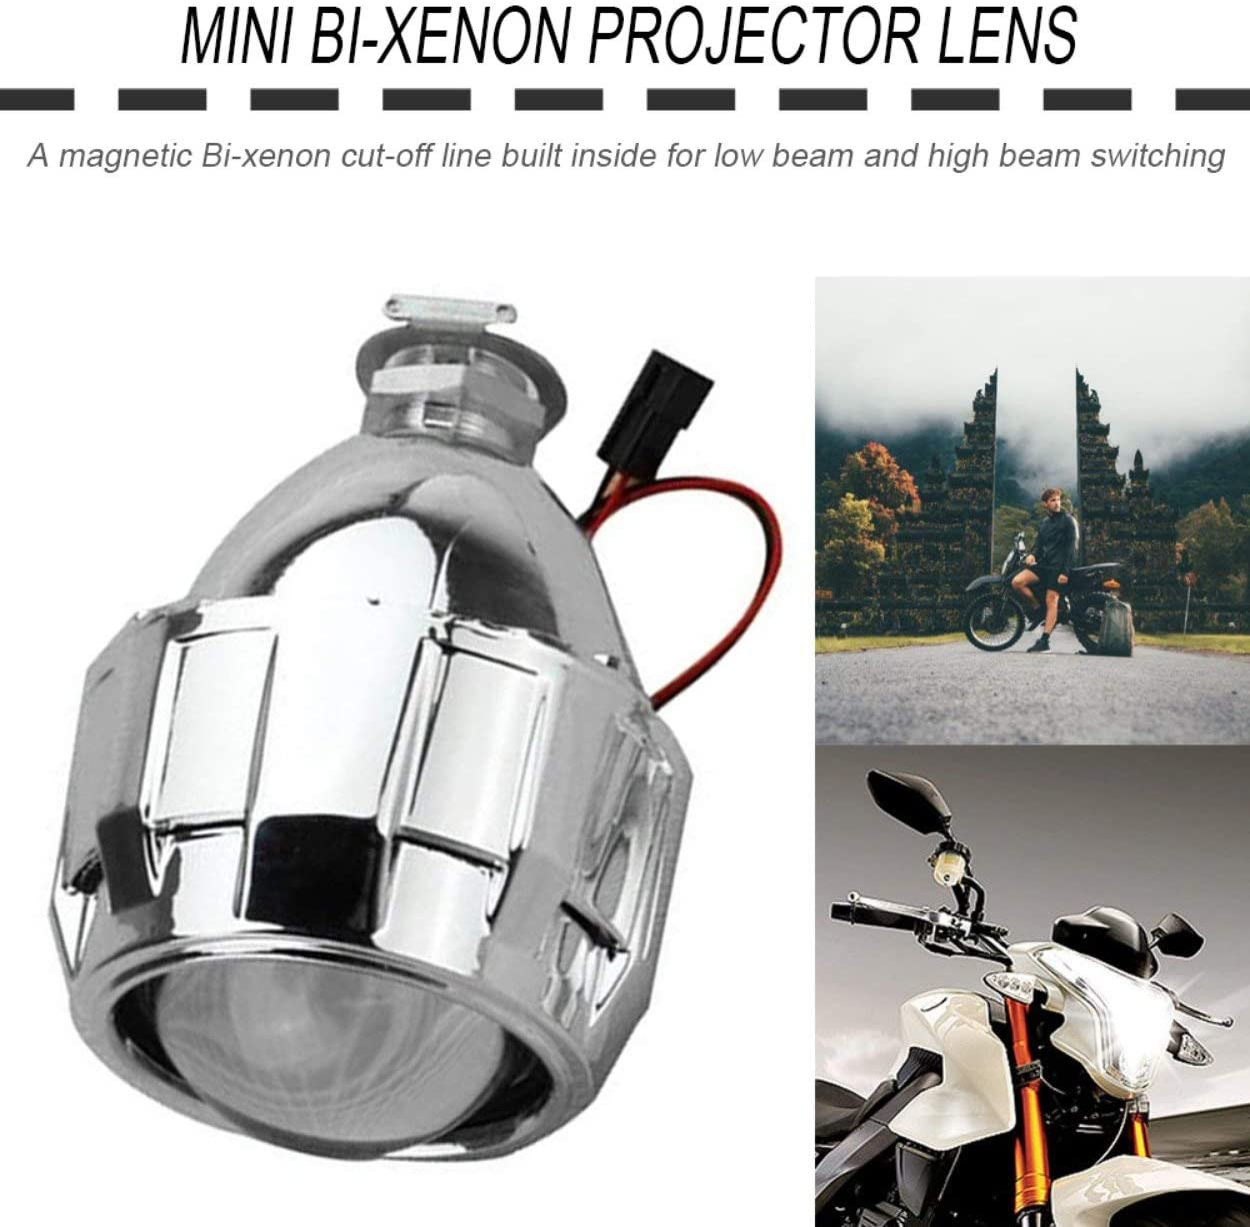 Lorenlli 2.5 Pouces X/énon Mini Bi-x/énon HID Clair Projecteur Couvercle de Lentille Suaire Phare Personnalis/é Phare H1 H4 H7 Argent